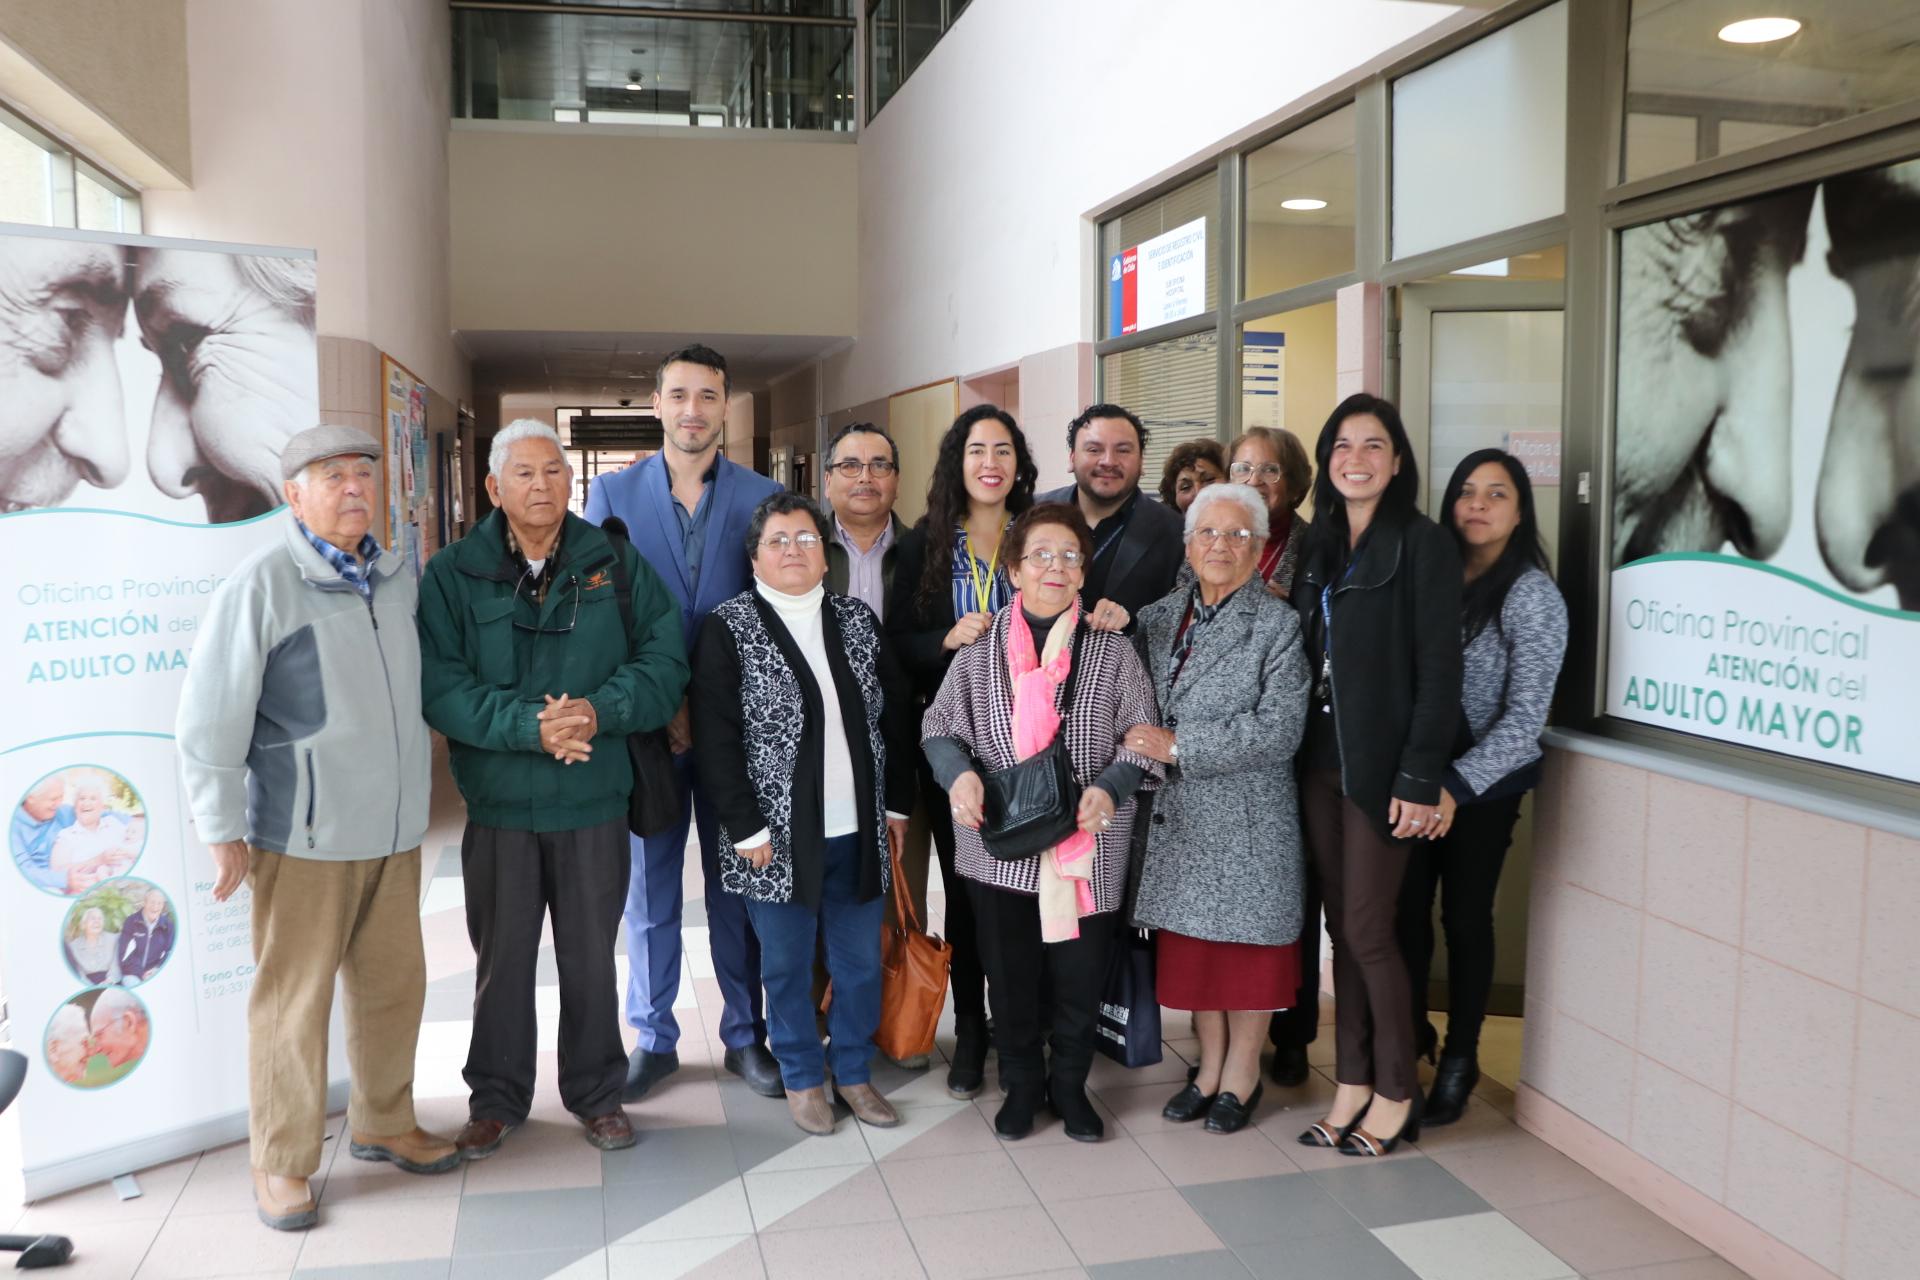 Senama de Atacama destaca creación de oficina del Adulto Mayor del Hospital provincial del Huasco